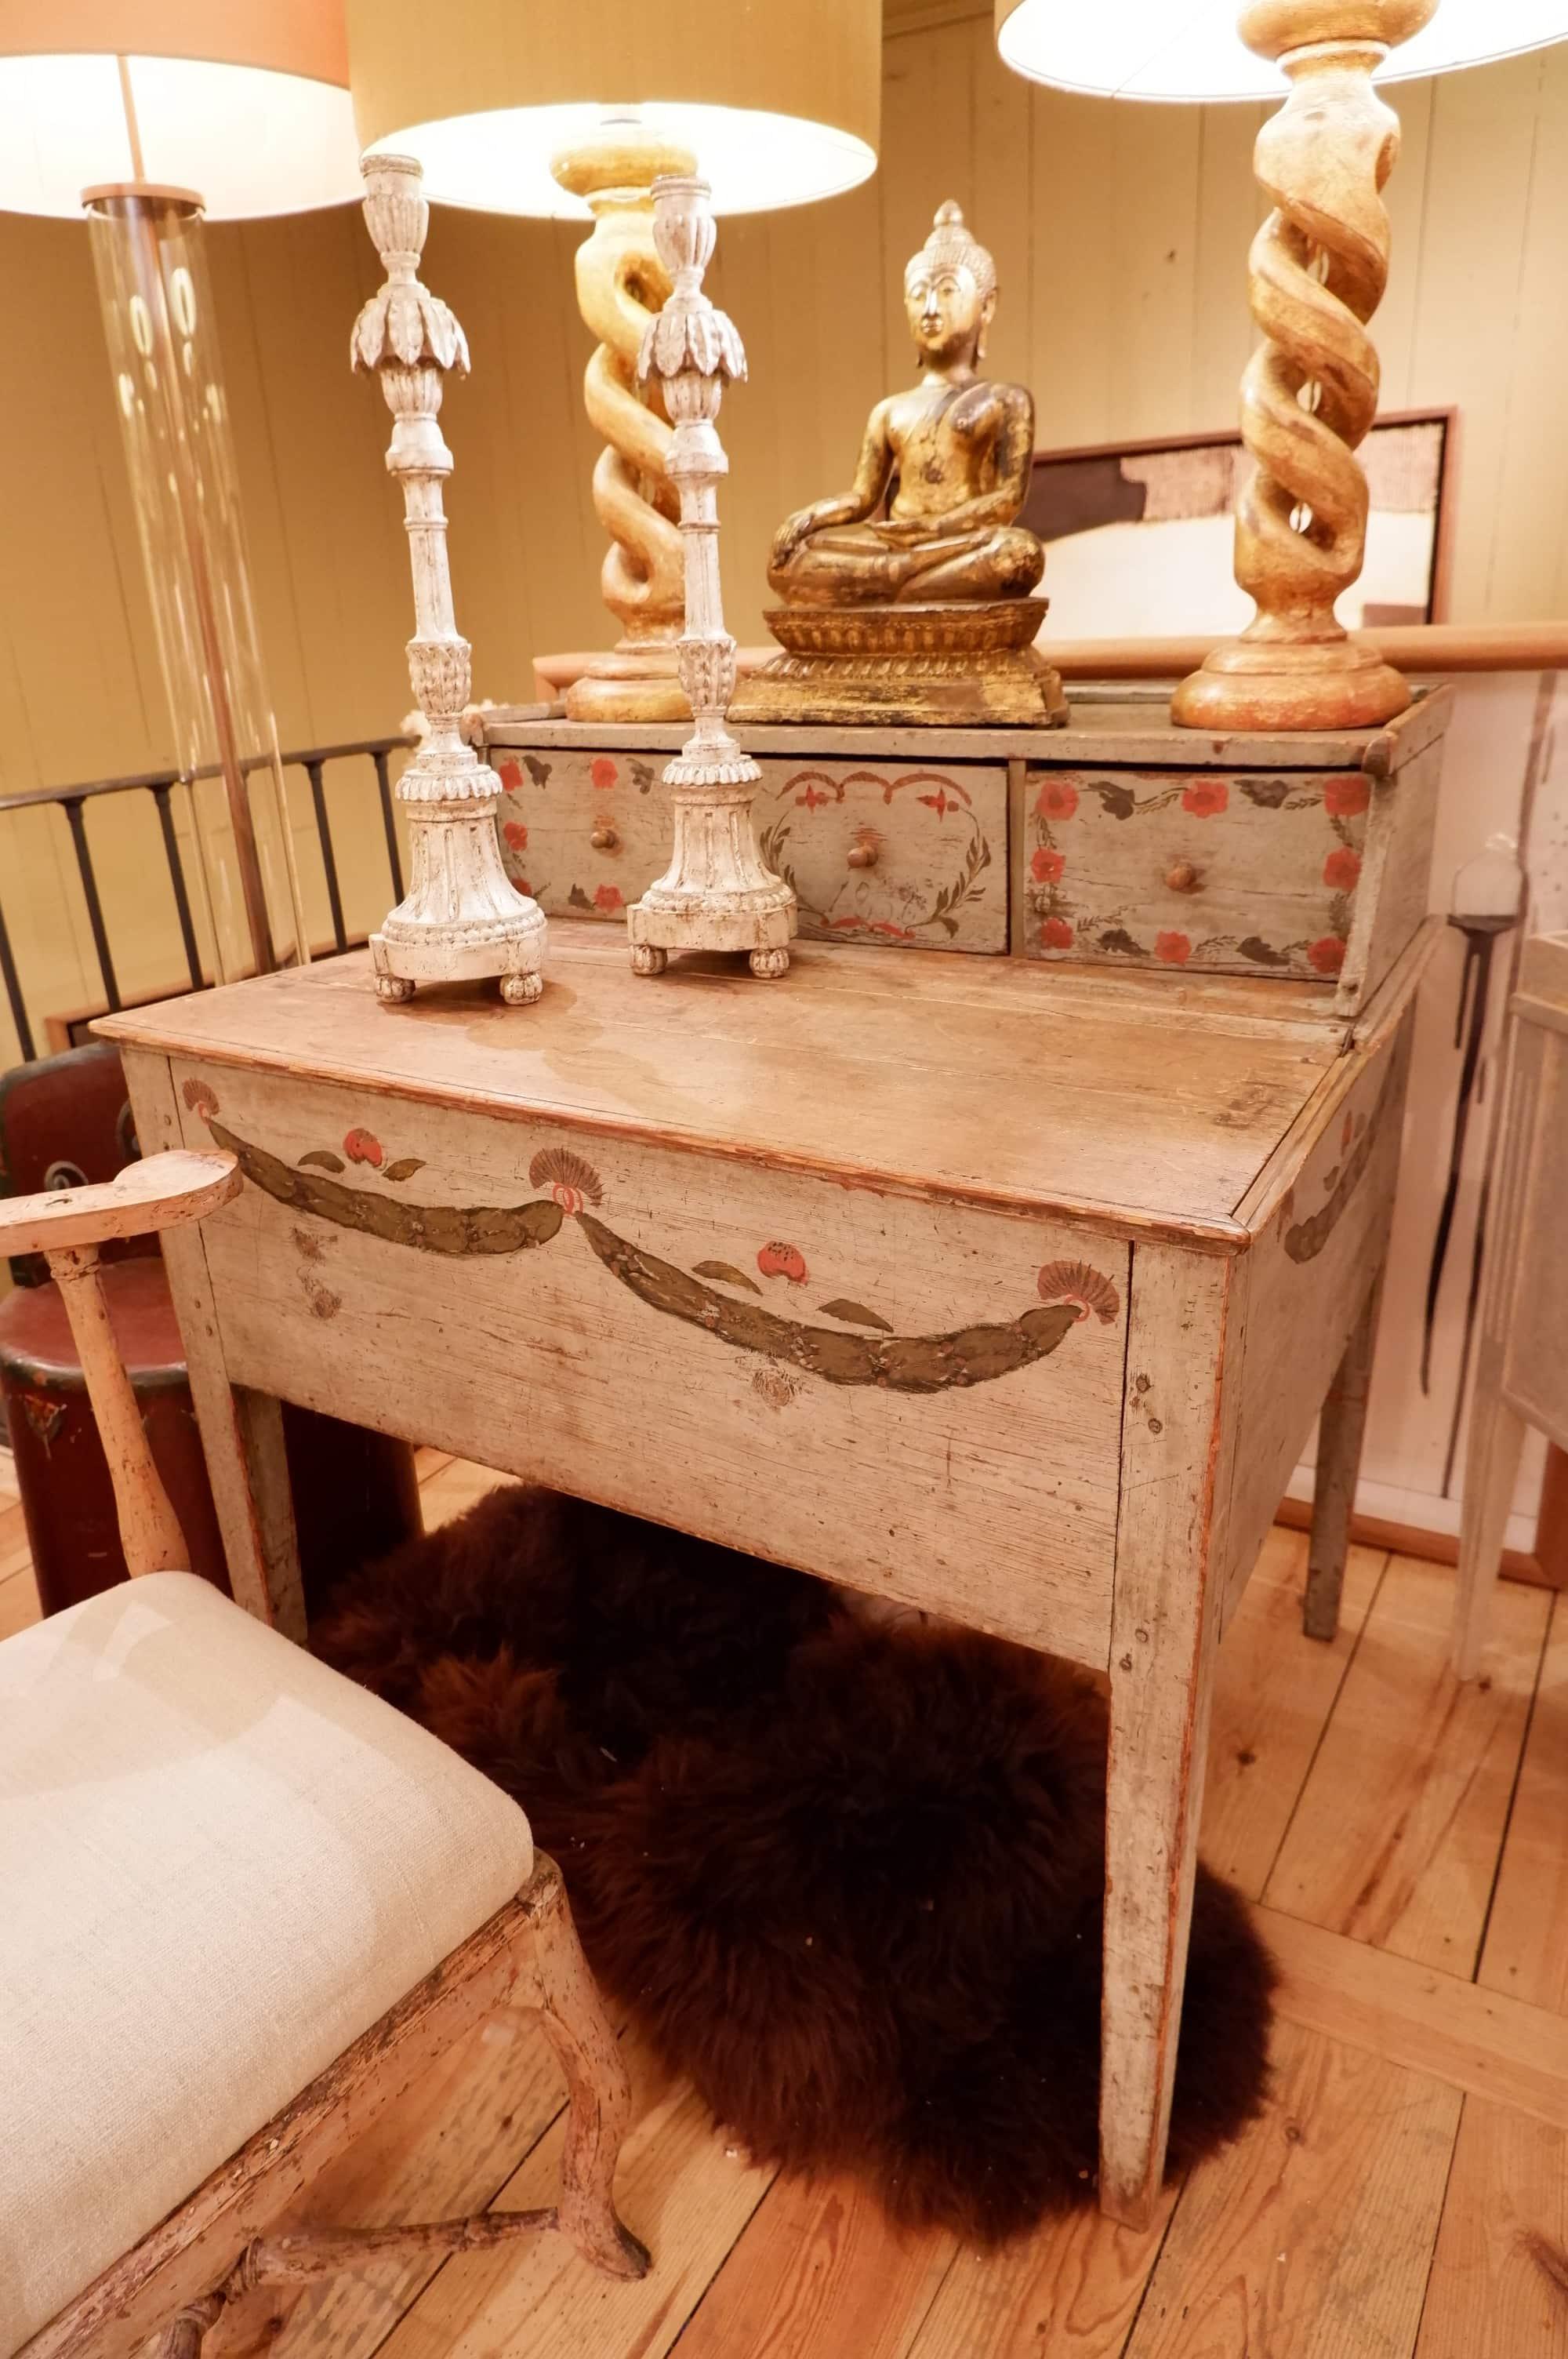 Bureau à gradin gustavien en bois peint décor polychrome ca.1850